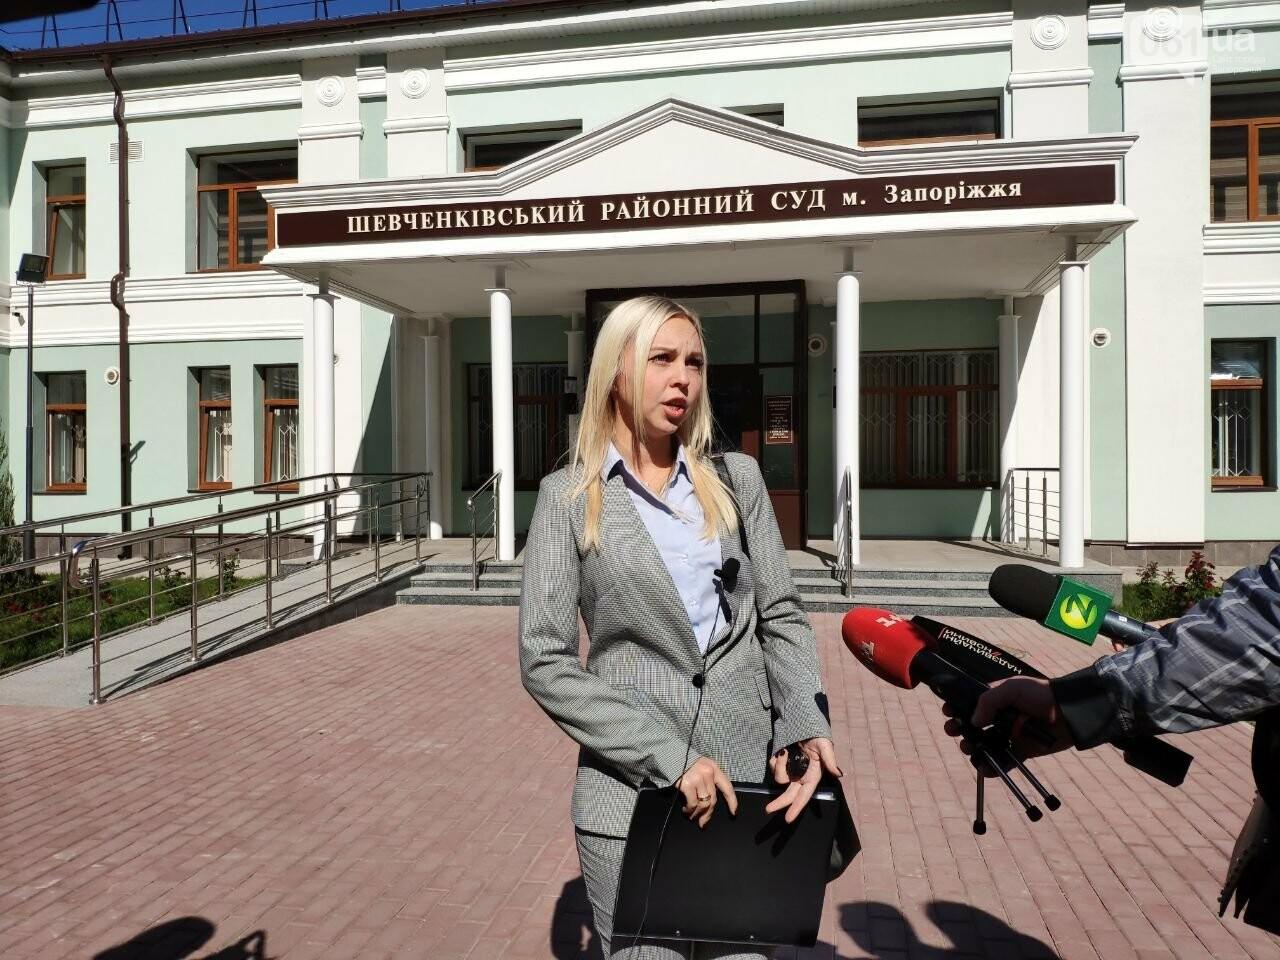 В день, когда гражданский супруг поджег Настю Ковалеву, она выгнала его из дома: репортаж из зала суда, - ФОТО, фото-2